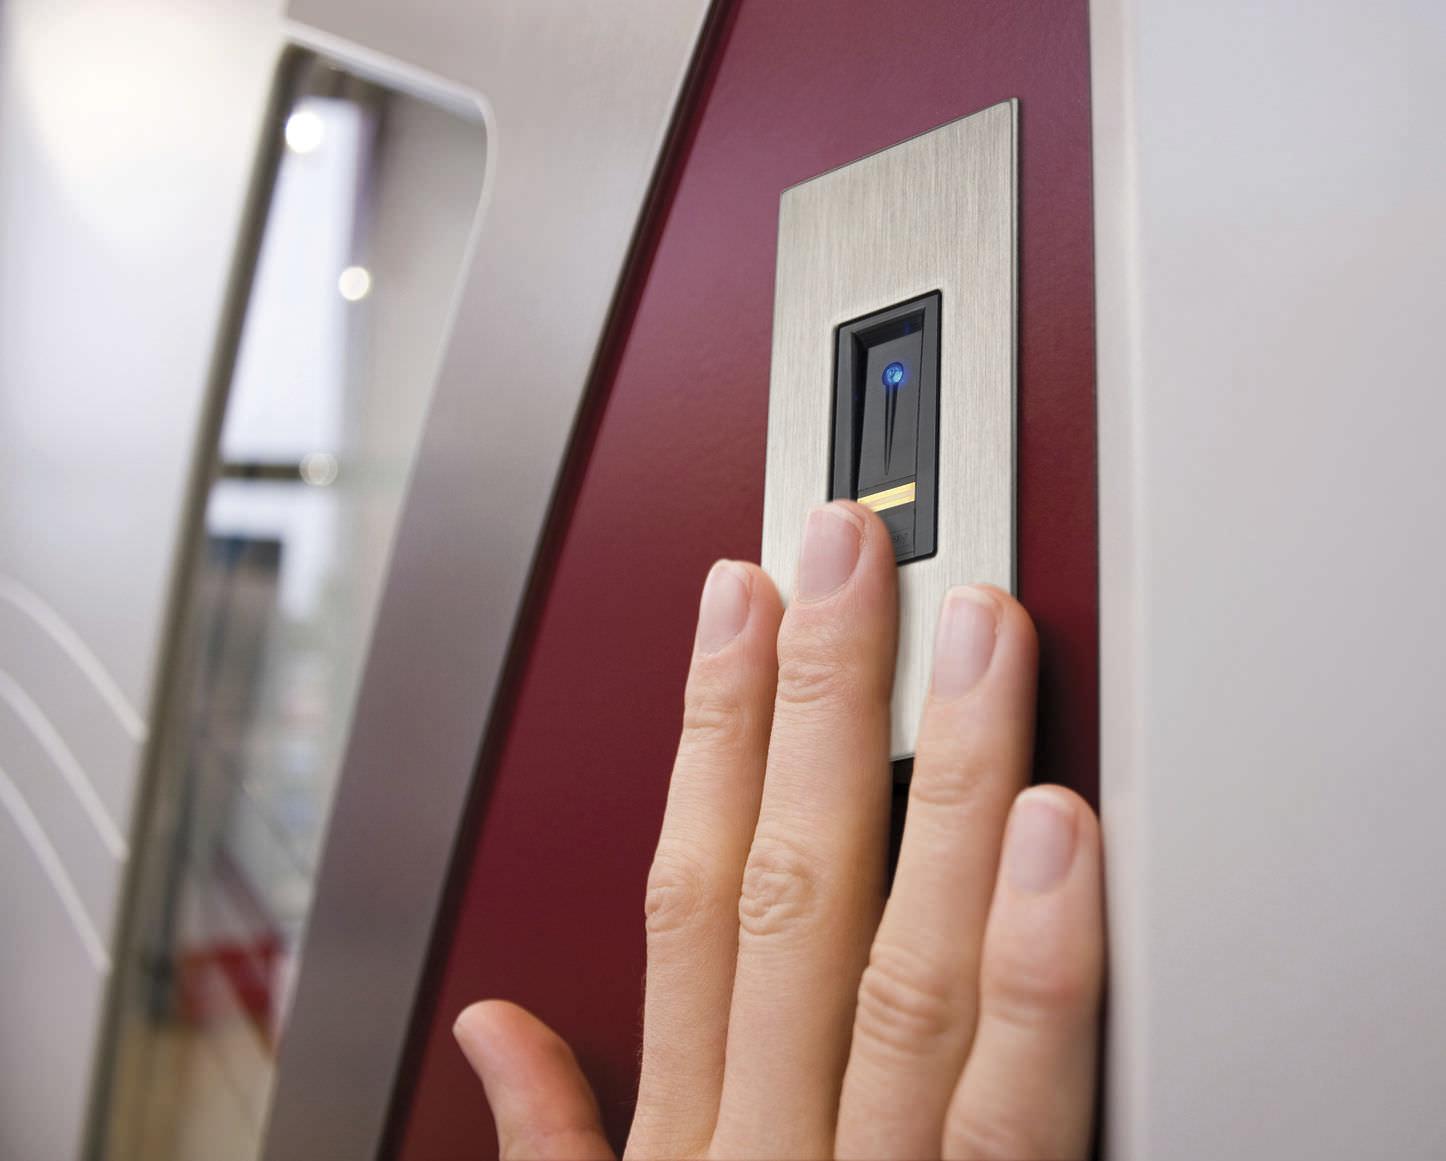 Finger scanner integration